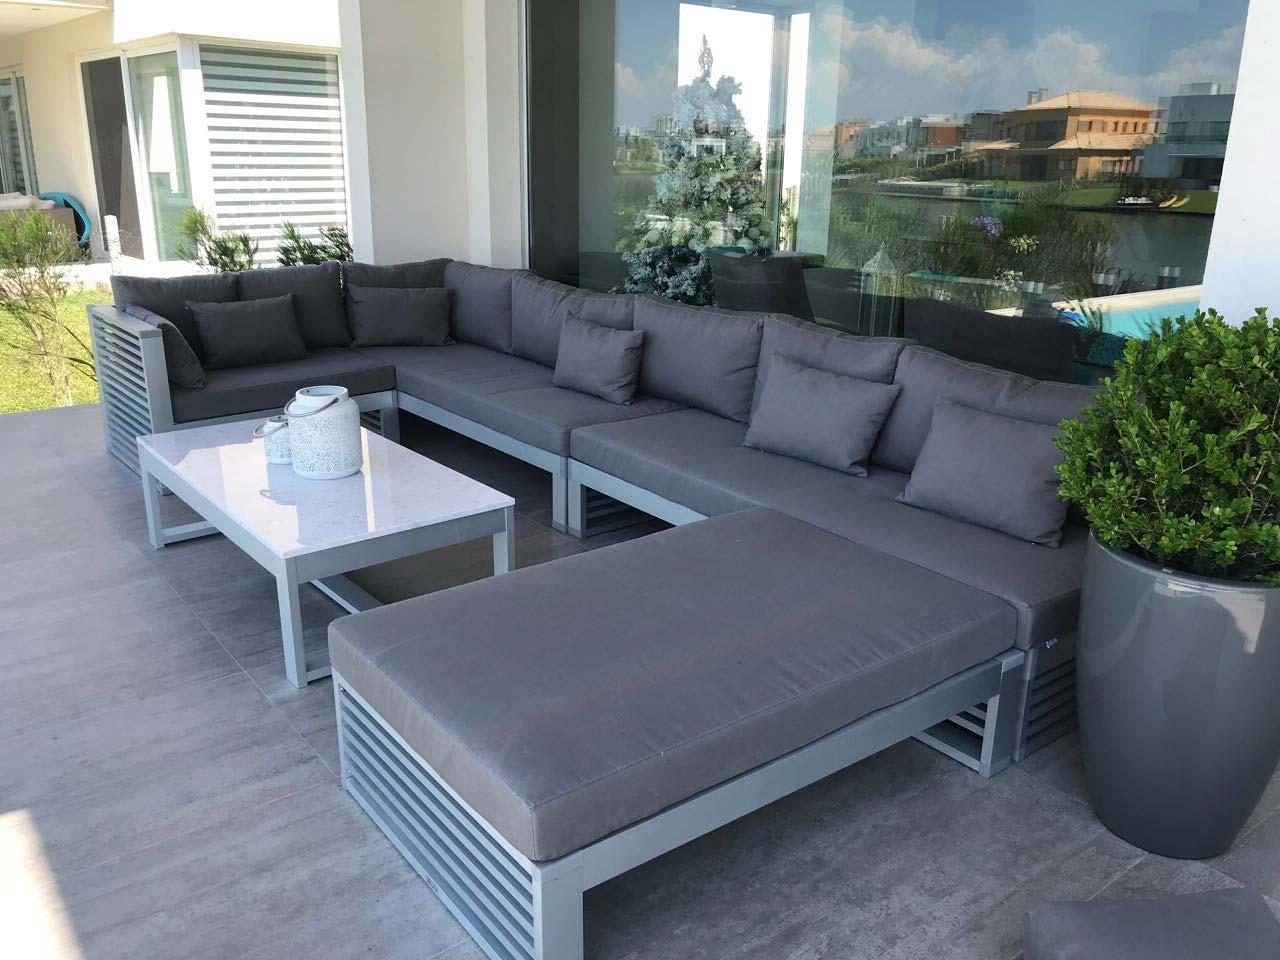 Sillones Exterior S5d8 nordeco Muebles Para Exterior De Aluminio Anodizado